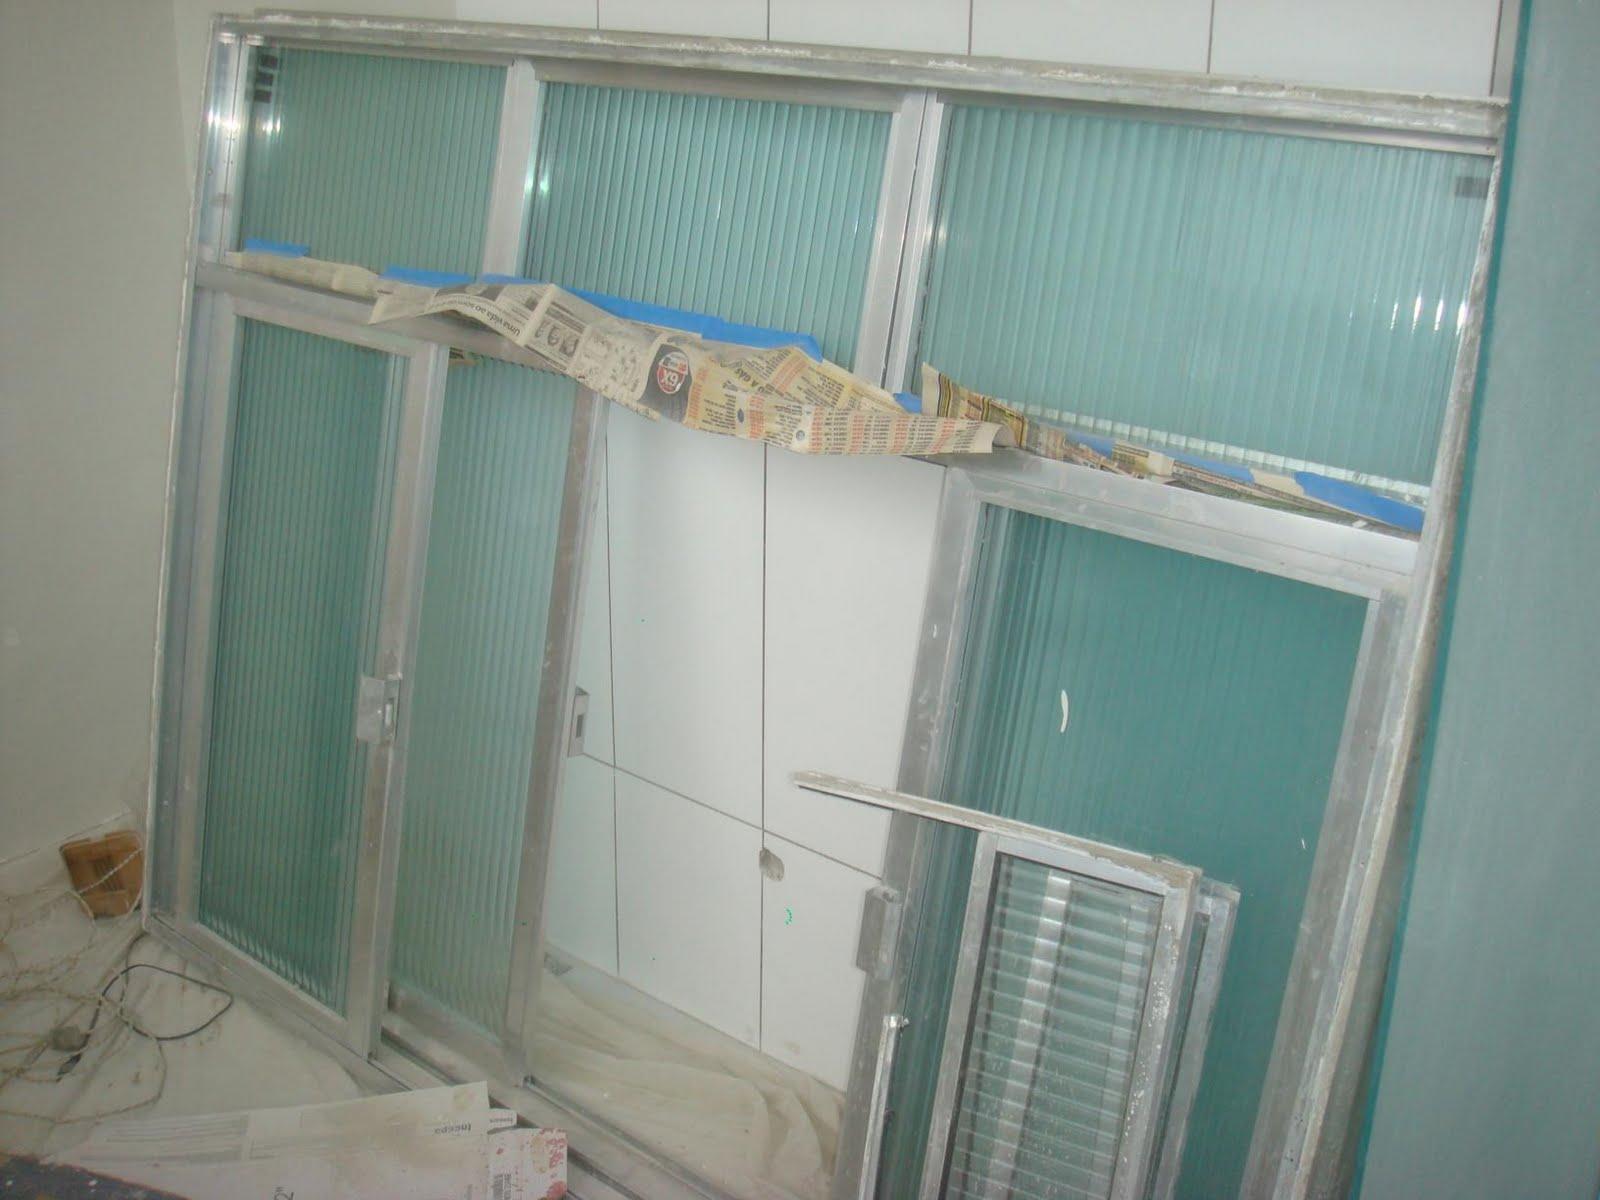 #7A6A51  ainda estou vendendo minhas janelas de alumínio de 2 x 1 5m 1496 Tirar Mancha Janela De Aluminio